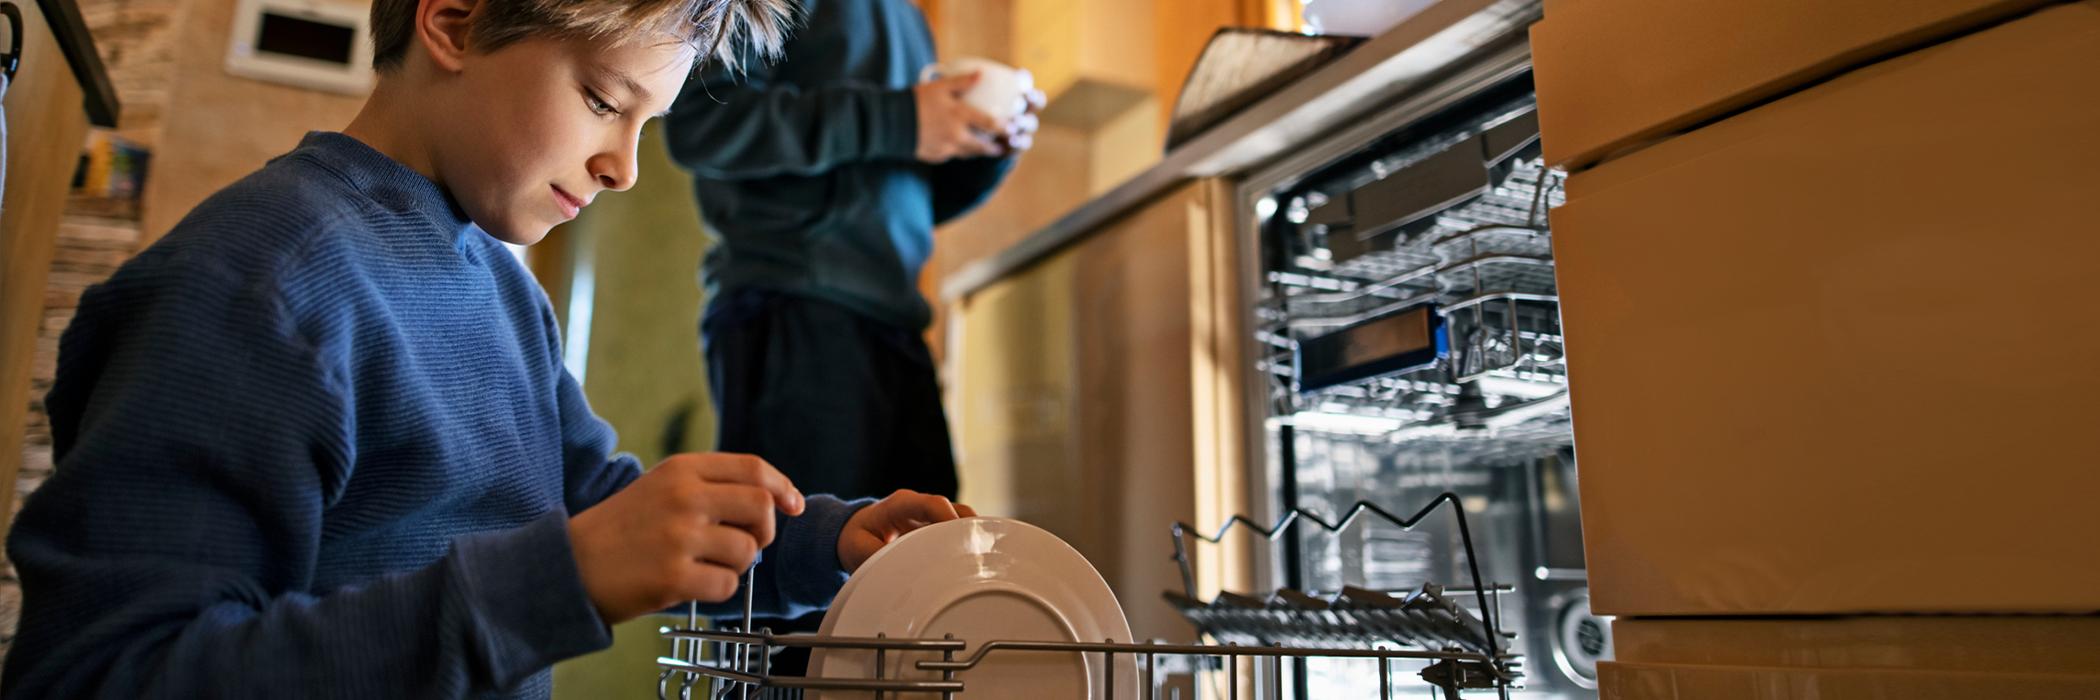 Little boys loading the dishwasher.